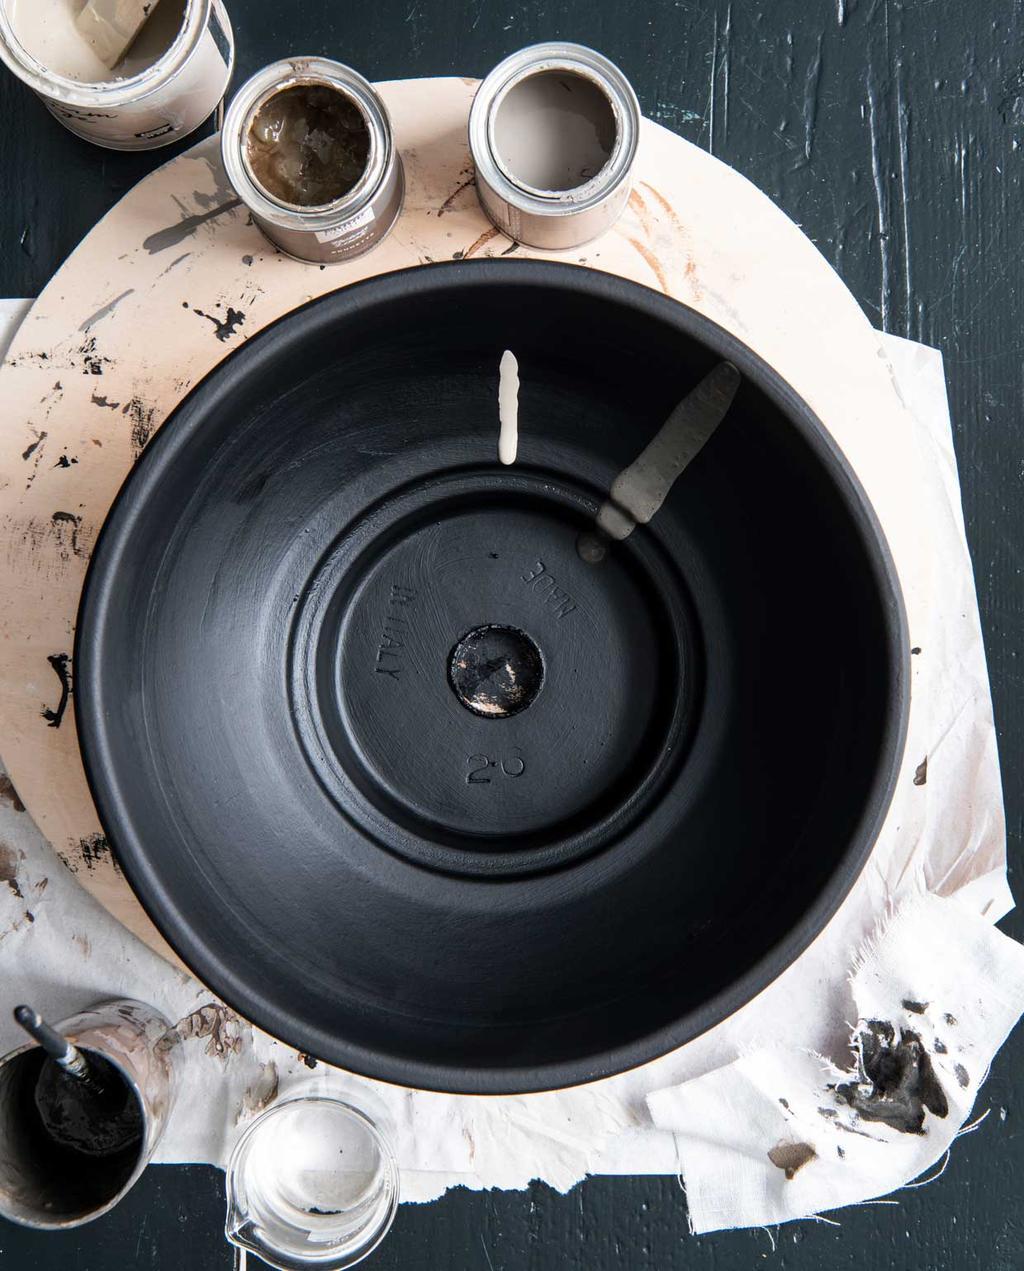 vtwonen 12 - DIY M kandelaar verven